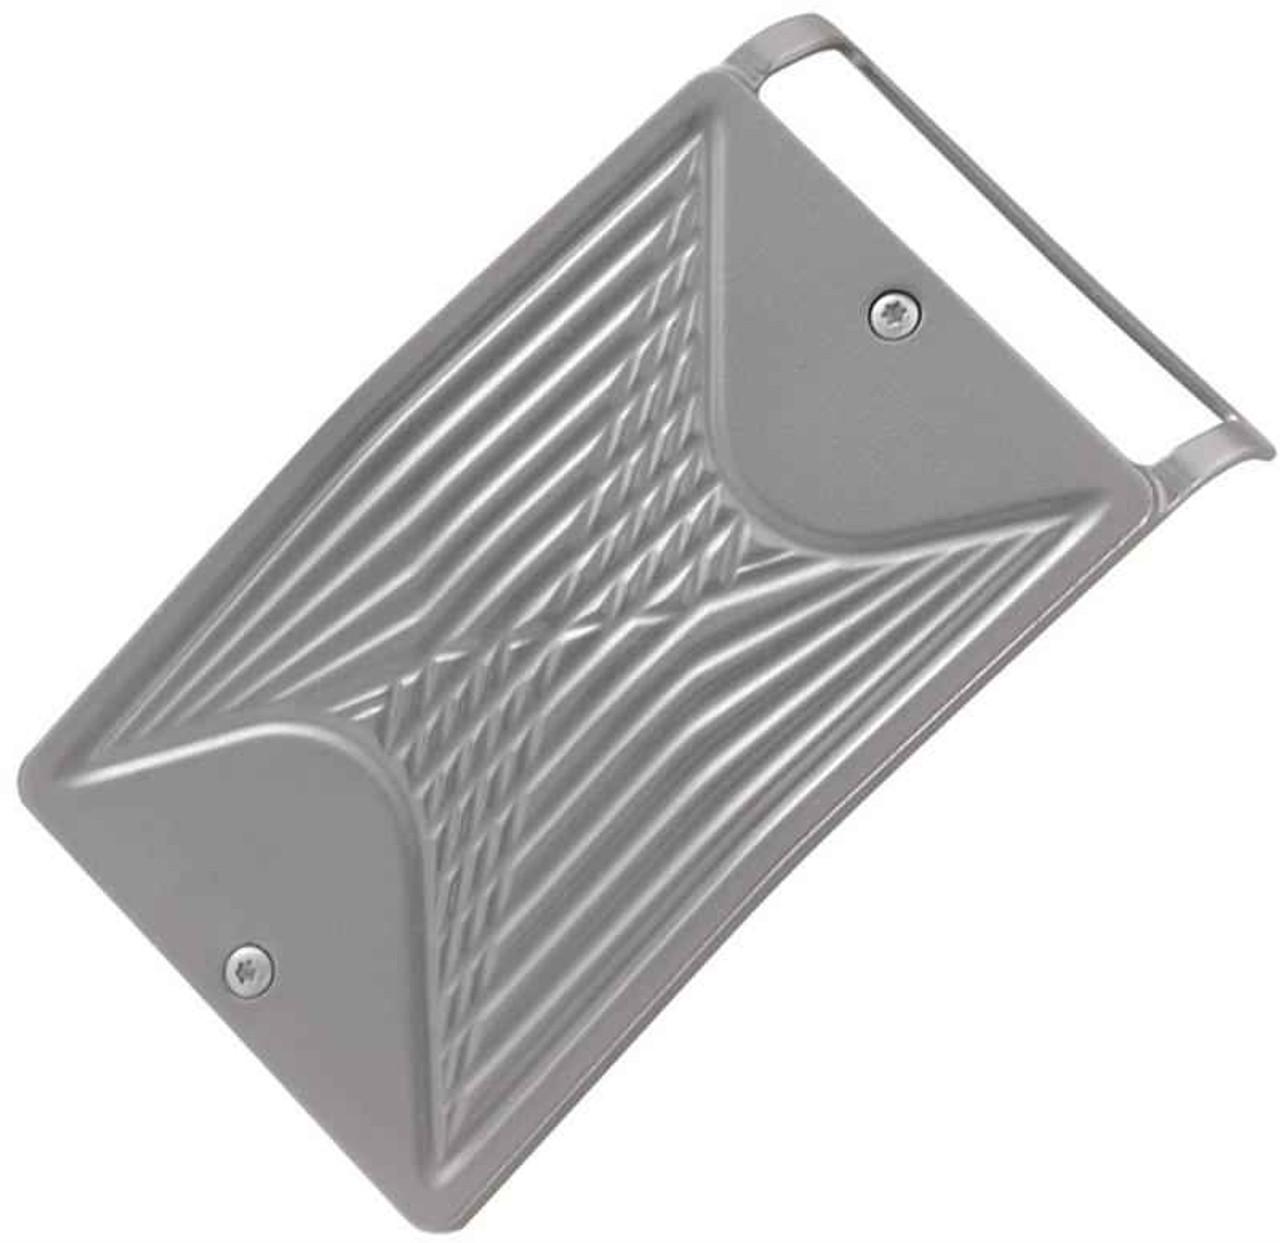 CRKT 5270BELT Tighecoon Belt Buckle, 6061-T6 Aluminum